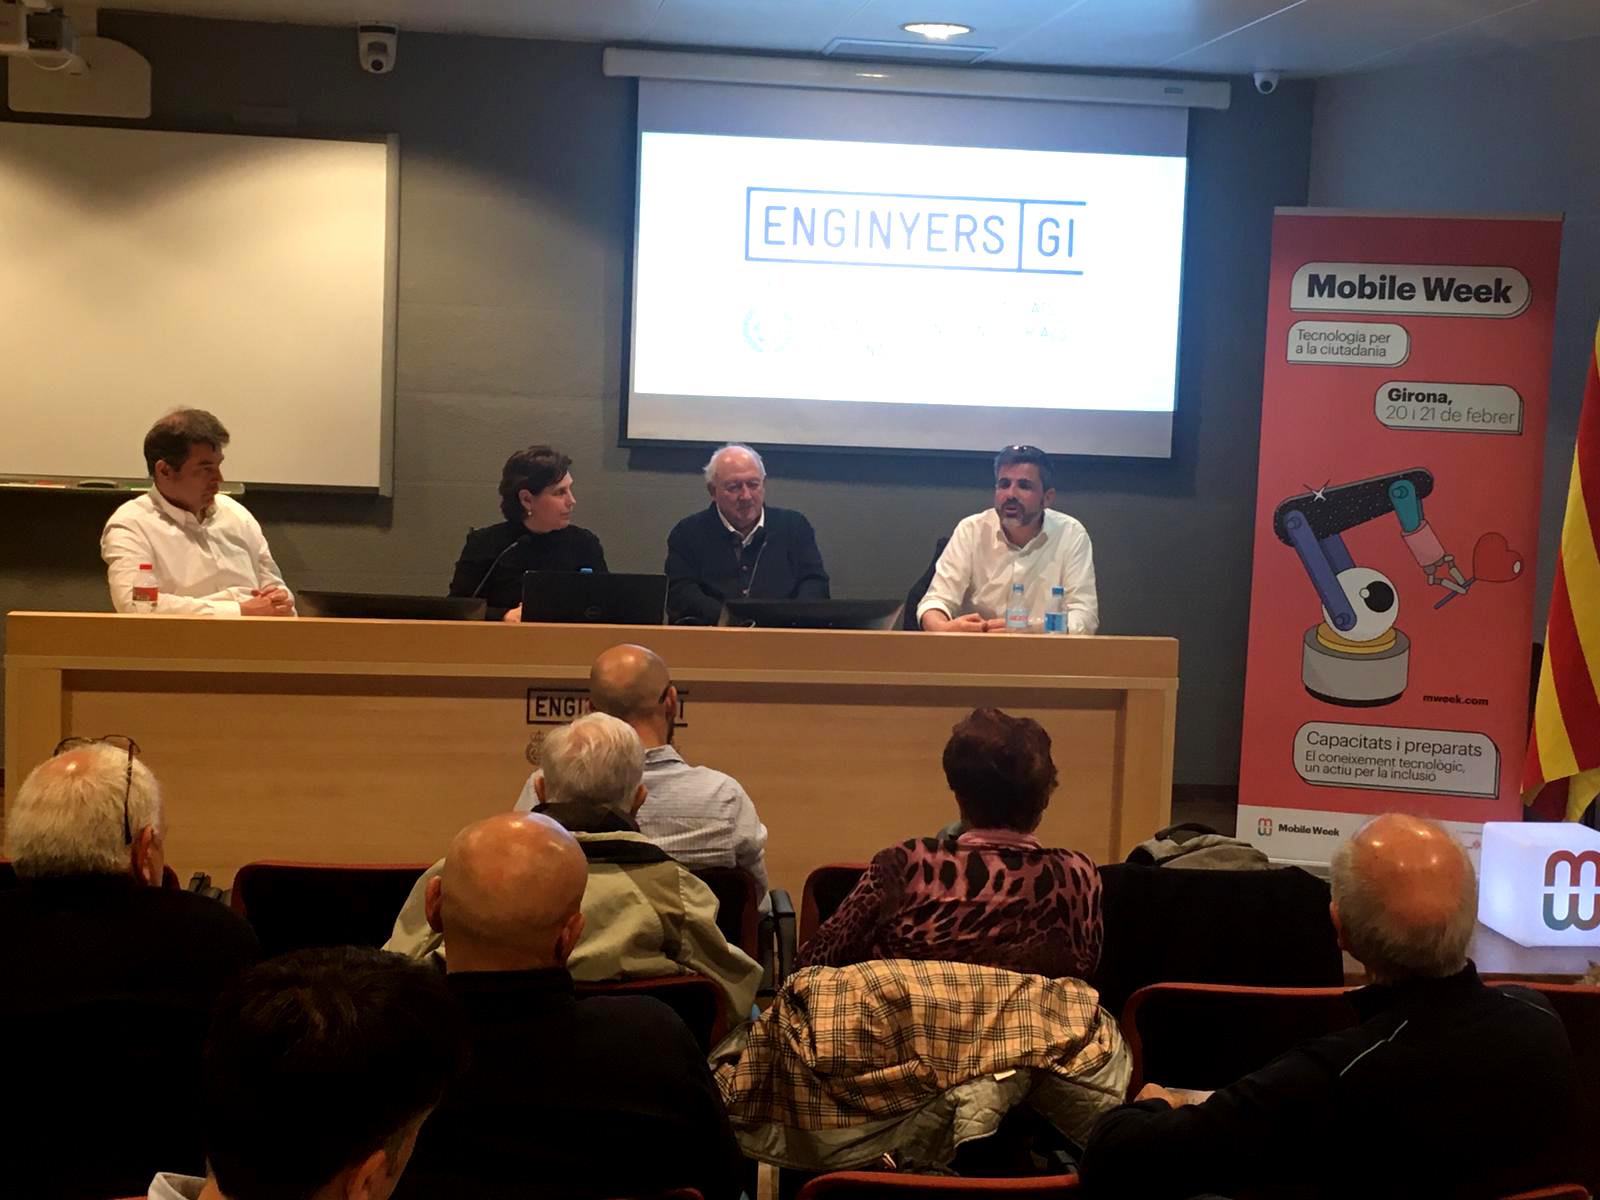 Ecosol participa a la taula rodona 'Enginys, inclusió i persones, un debat necessari' en el marc de la Mobile Week Girona 2020